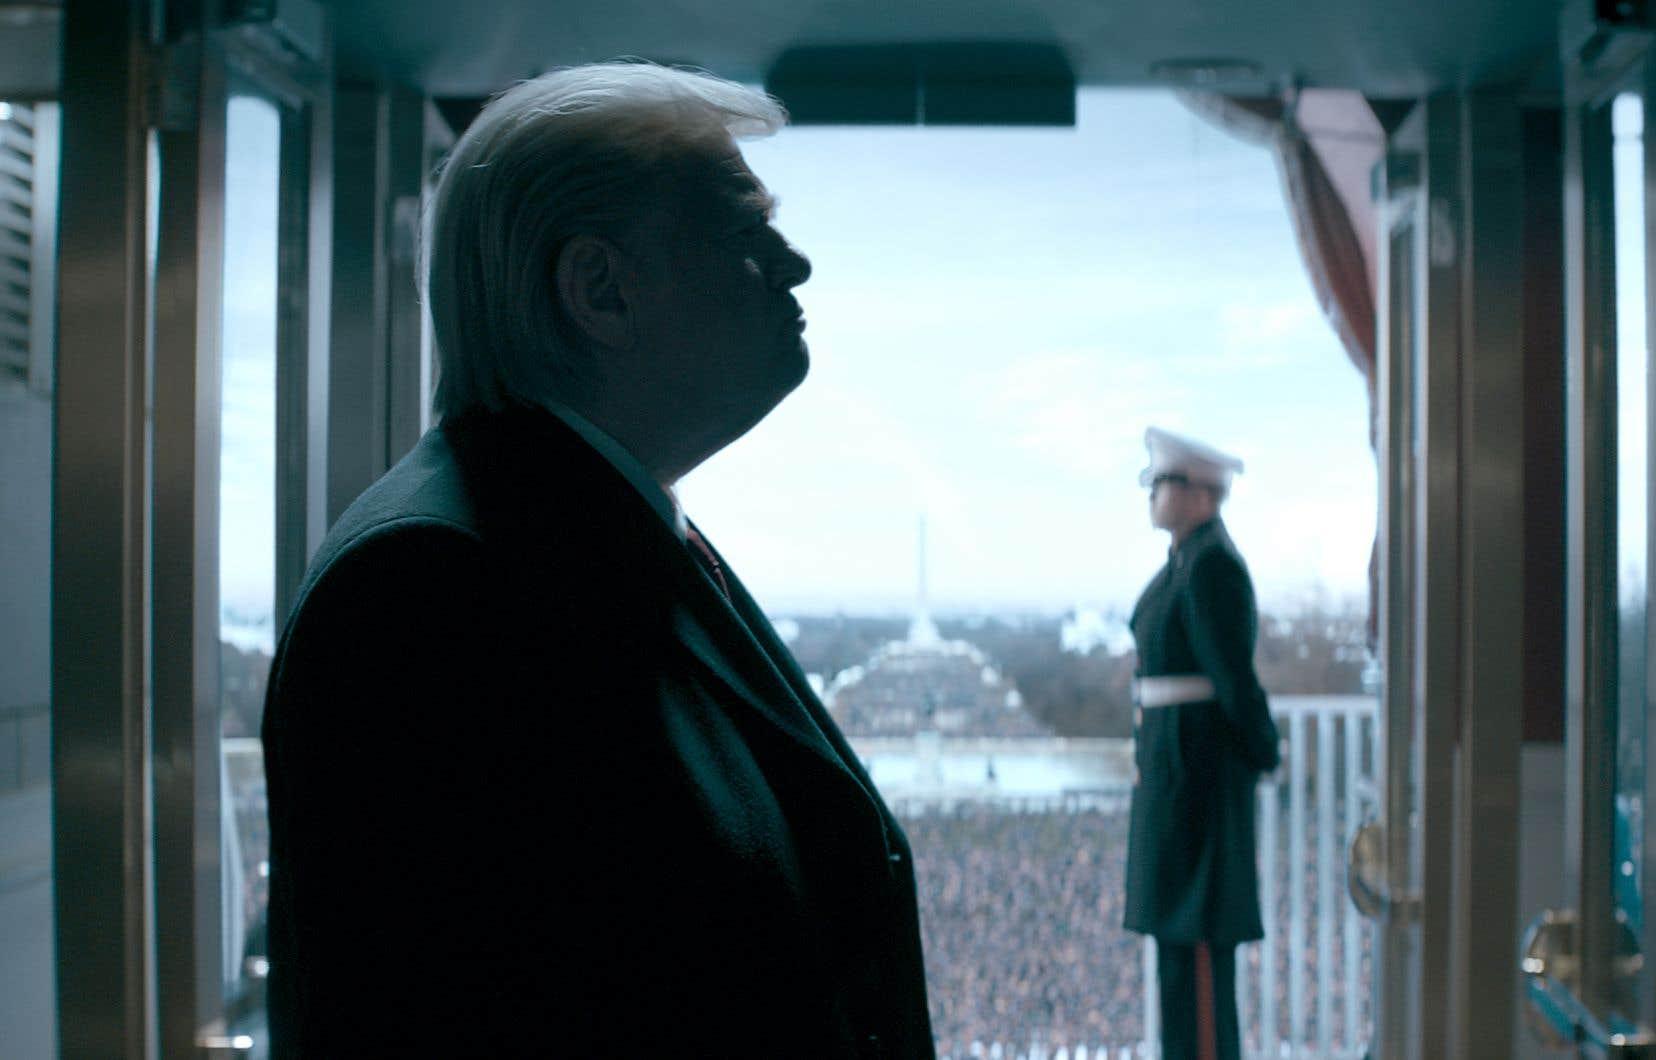 «The Comey Rule», tout juste mis en ondes par Showtime, transpose en minisérie le récit «A Higher Loyalty» de l'ancien directeur du FBI James Comey, congédié par le président Donald Trump.